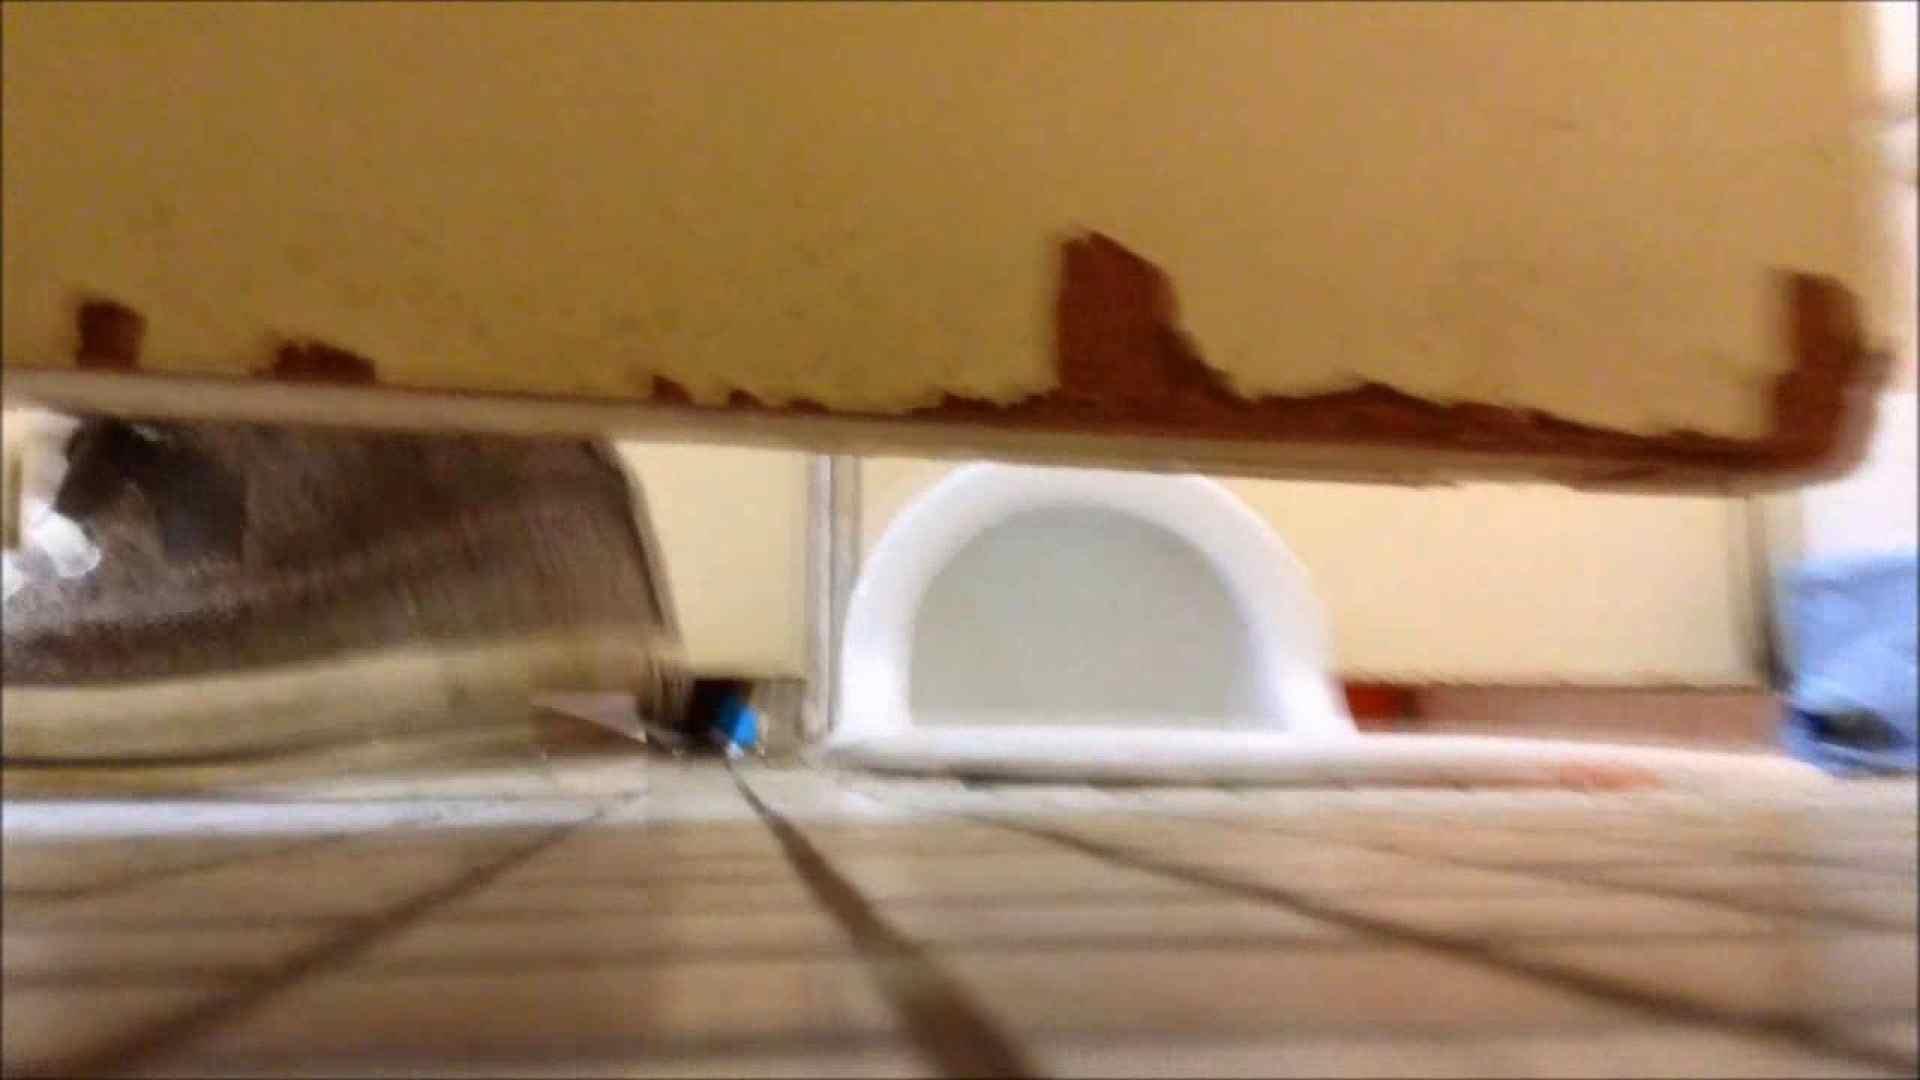 某有名大学女性洗面所 vol.08 洗面所 | 潜入シリーズ  50pic 45